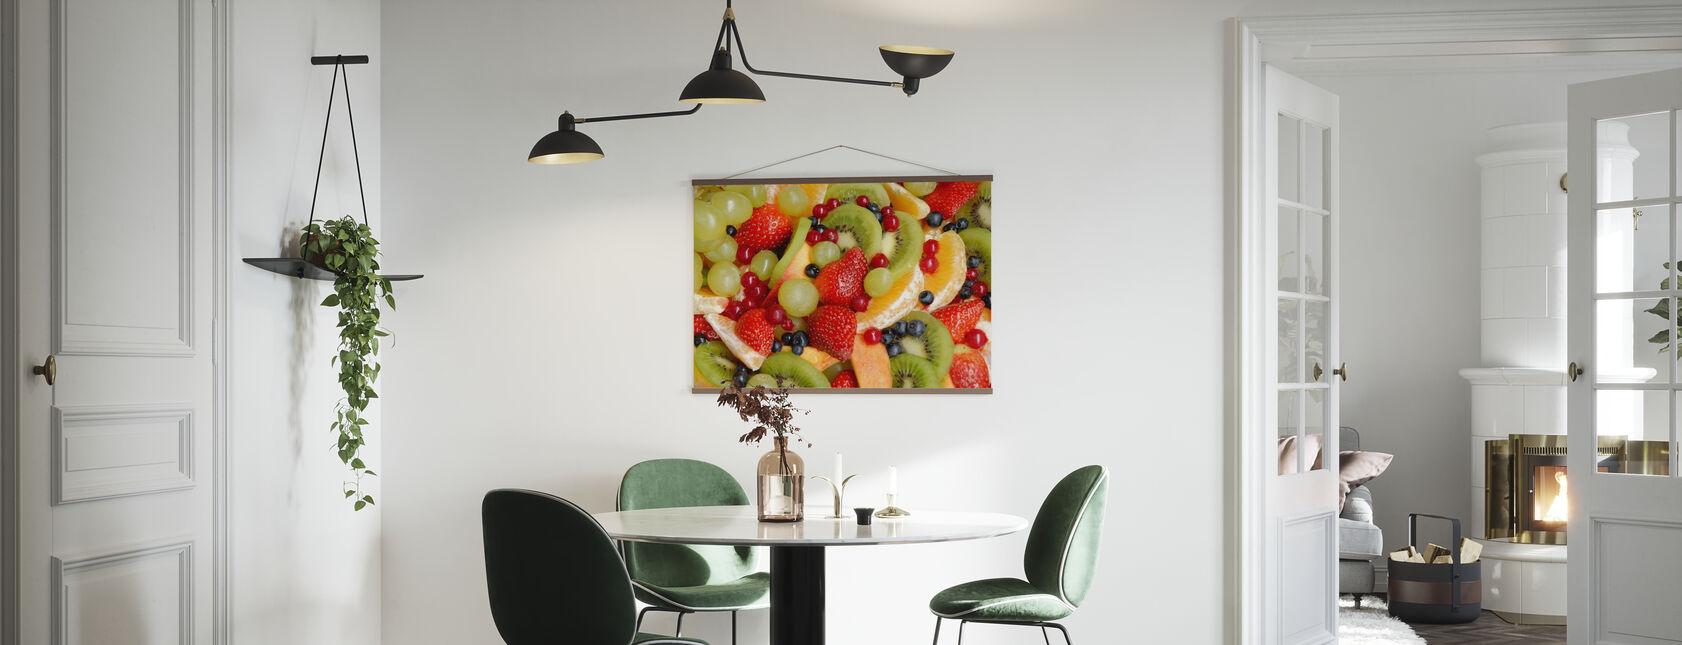 Fersk frukt - Plakat - Kjøkken